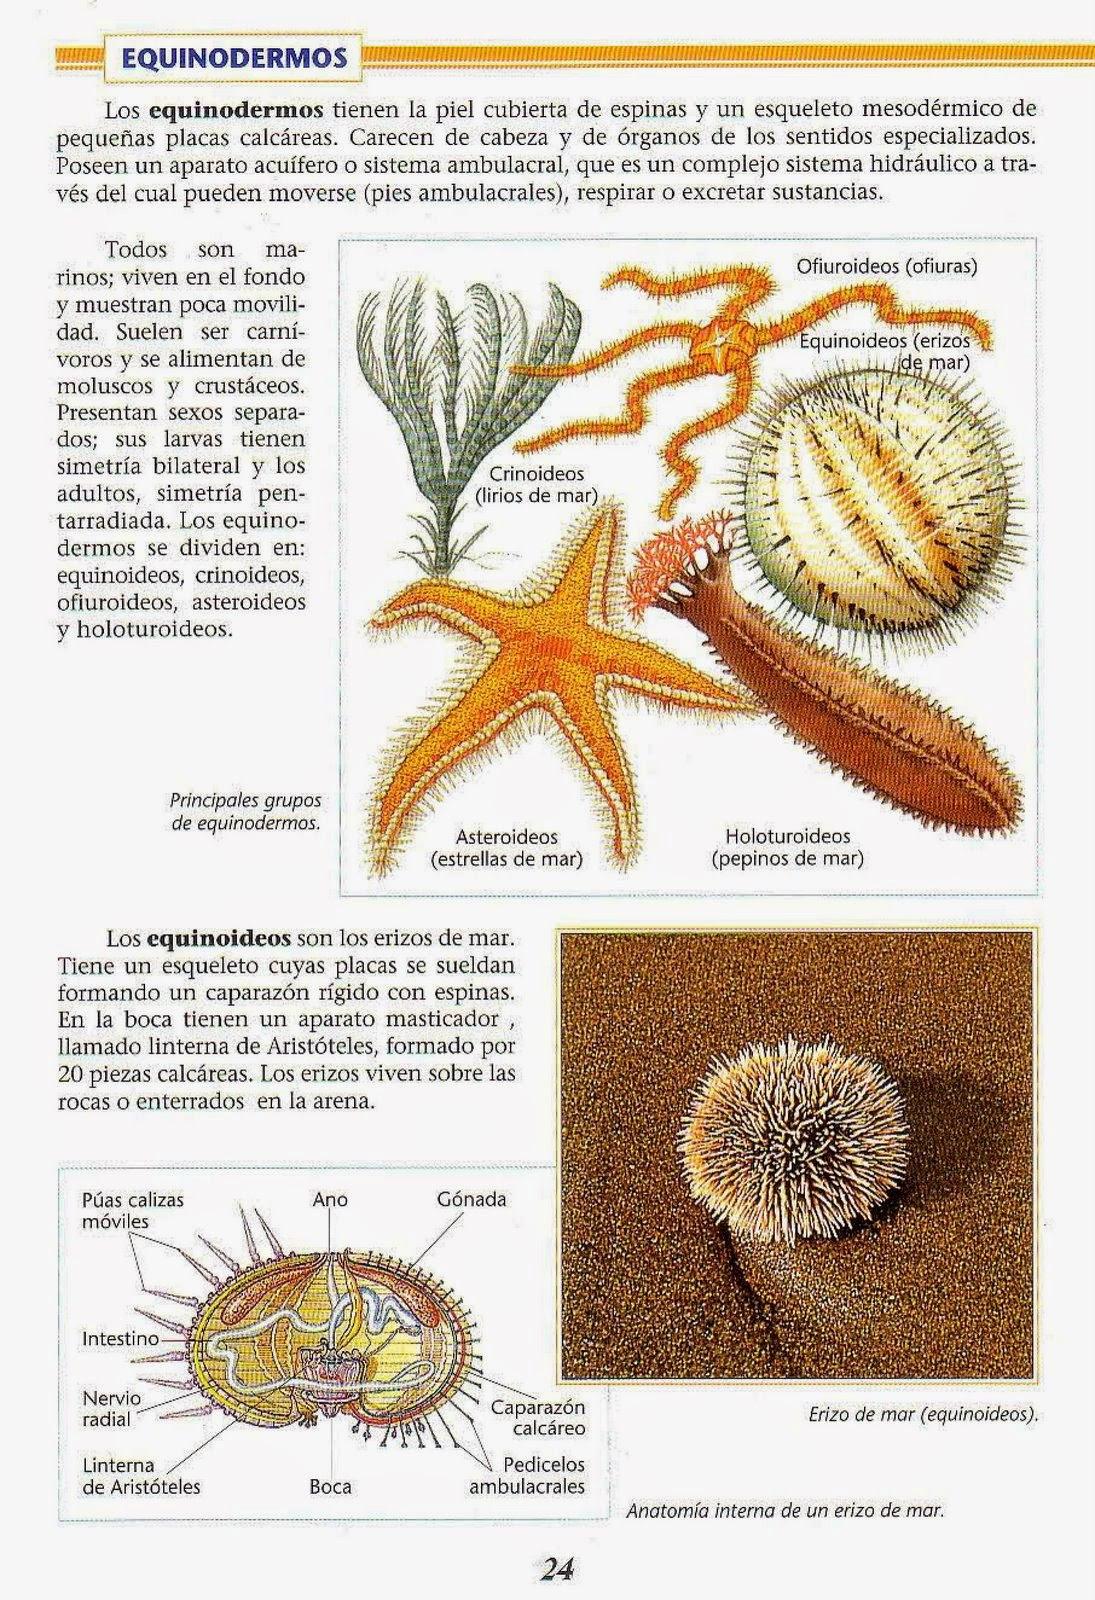 Contemporáneo Pepino De Mar Anatomía Interna Colección de Imágenes ...